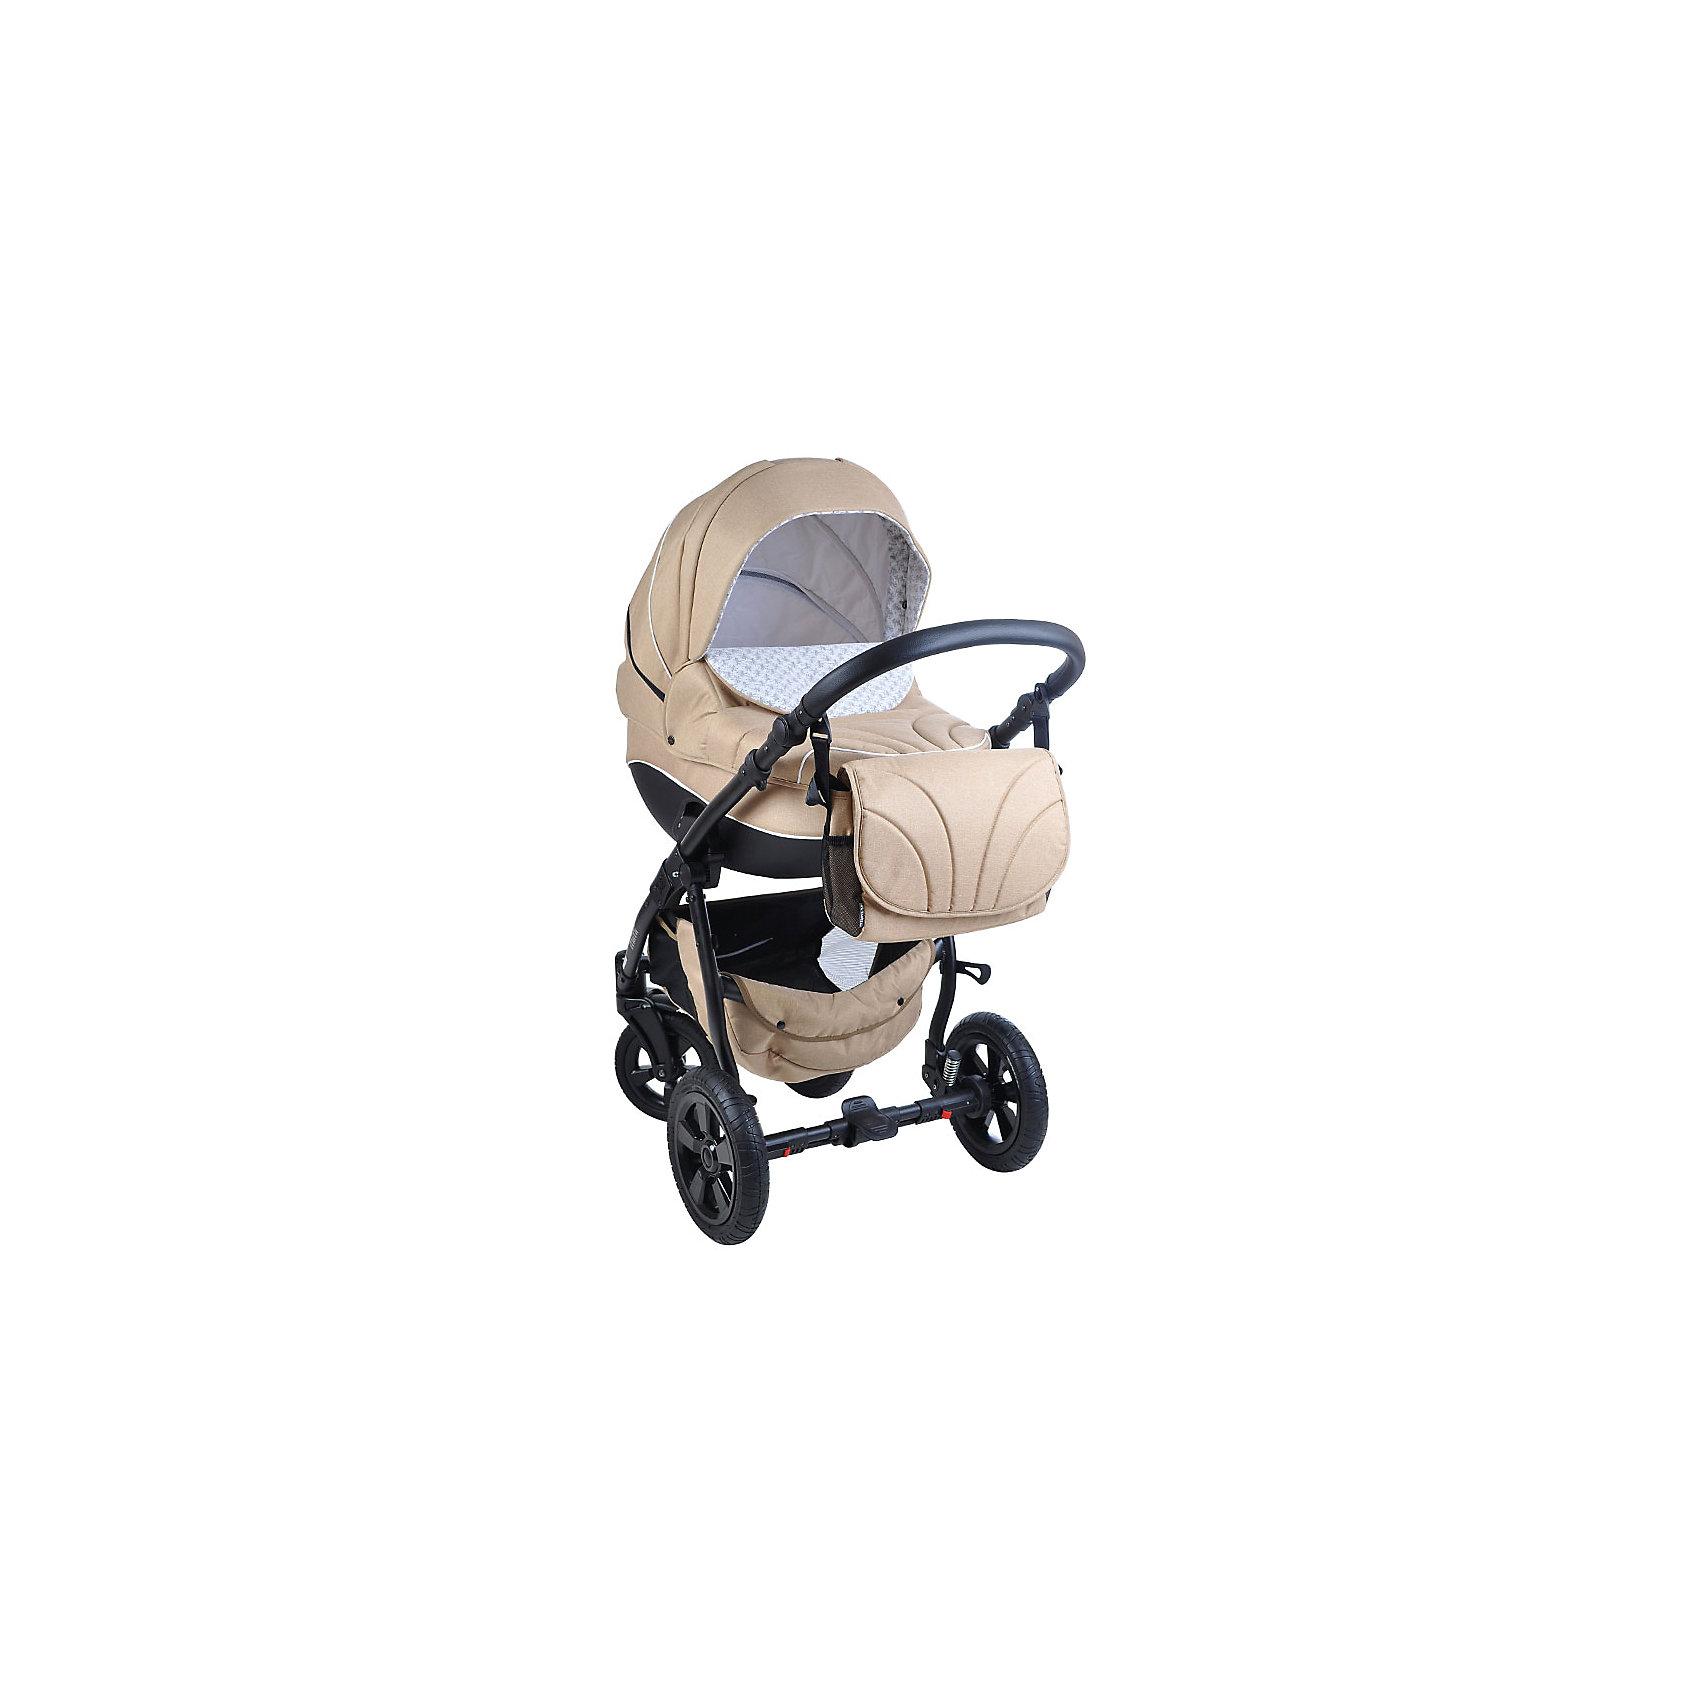 Коляска 2 в 1 Tutis MIMI, бежевый лен/серыйКоляски 2 в 1<br>Характеристики коляски Tutis Mimi:<br><br>Люлька:<br><br>• возраст: с рождения;<br>• прочный пластиковый корпус;<br>• складной капюшон с сетчатым окошком для вентиляции воздуха;<br>• матрас из кокосового волокна, известного своими антибактериальными свойствами;<br>• регулируемый подголовник;<br>• дно с вентиляционными отверстиями;<br>• резиновая накладка на дне для бесшумного укачивания;<br>• встроенная в капюшон ручка для переноски;<br>• внутренние размеры люльки: 80х36 см;<br>• вес люльки: 4,3 кг.<br><br>Прогулочный блок:<br><br>• возраст: от 6 месяцев;<br>• регулировка наклона спинки до горизонтального положения;<br>• регулируемая подножка;<br>• 5-ти точечные ремни безопасности;<br>• съемный бампер с разделителем между ножек, обтянутый тканью;<br>• капюшон из непромокаемой ткани с козырьком и сетчатой вставкой;<br>• реверсивный прогулочный блок;<br>• спальное место: 95х39 см;<br>• вес прогулочного блока: 4,8 кг.<br><br>Шасси коляски:<br><br>• алюминиевая рама;<br>• регулируемая по высоте ручка;<br>• тип складывания: книжка;<br>• тип колес: надувные;<br>• передние поворотные колеса с фиксацией;<br>• мягкая подвеска с функцией поглощения ударов;<br>• стояночный тормоз-педаль;<br>• вес шасси: 8,45 кг.<br><br>Размер коляски в сложенном виде: 89х60х38 см;<br>Размер упаковки 92х59х50 см;<br>Вес упаковки: 19,65 кг.<br><br>Комплектация:<br><br>• люлька;<br>• прогулочный блок;<br>• шасси;<br>• москитная сетка;<br>• дождевик;<br>• накидка на ножки;<br>• сумка для мамы.<br><br>Коляску 2 в 1 Tutis Mimi бежевый лен/серый можно приобрести в нашем интернет-магазине.<br><br>Ширина мм: 920<br>Глубина мм: 590<br>Высота мм: 500<br>Вес г: 19650<br>Возраст от месяцев: -2147483648<br>Возраст до месяцев: 2147483647<br>Пол: Унисекс<br>Возраст: Детский<br>SKU: 5500176